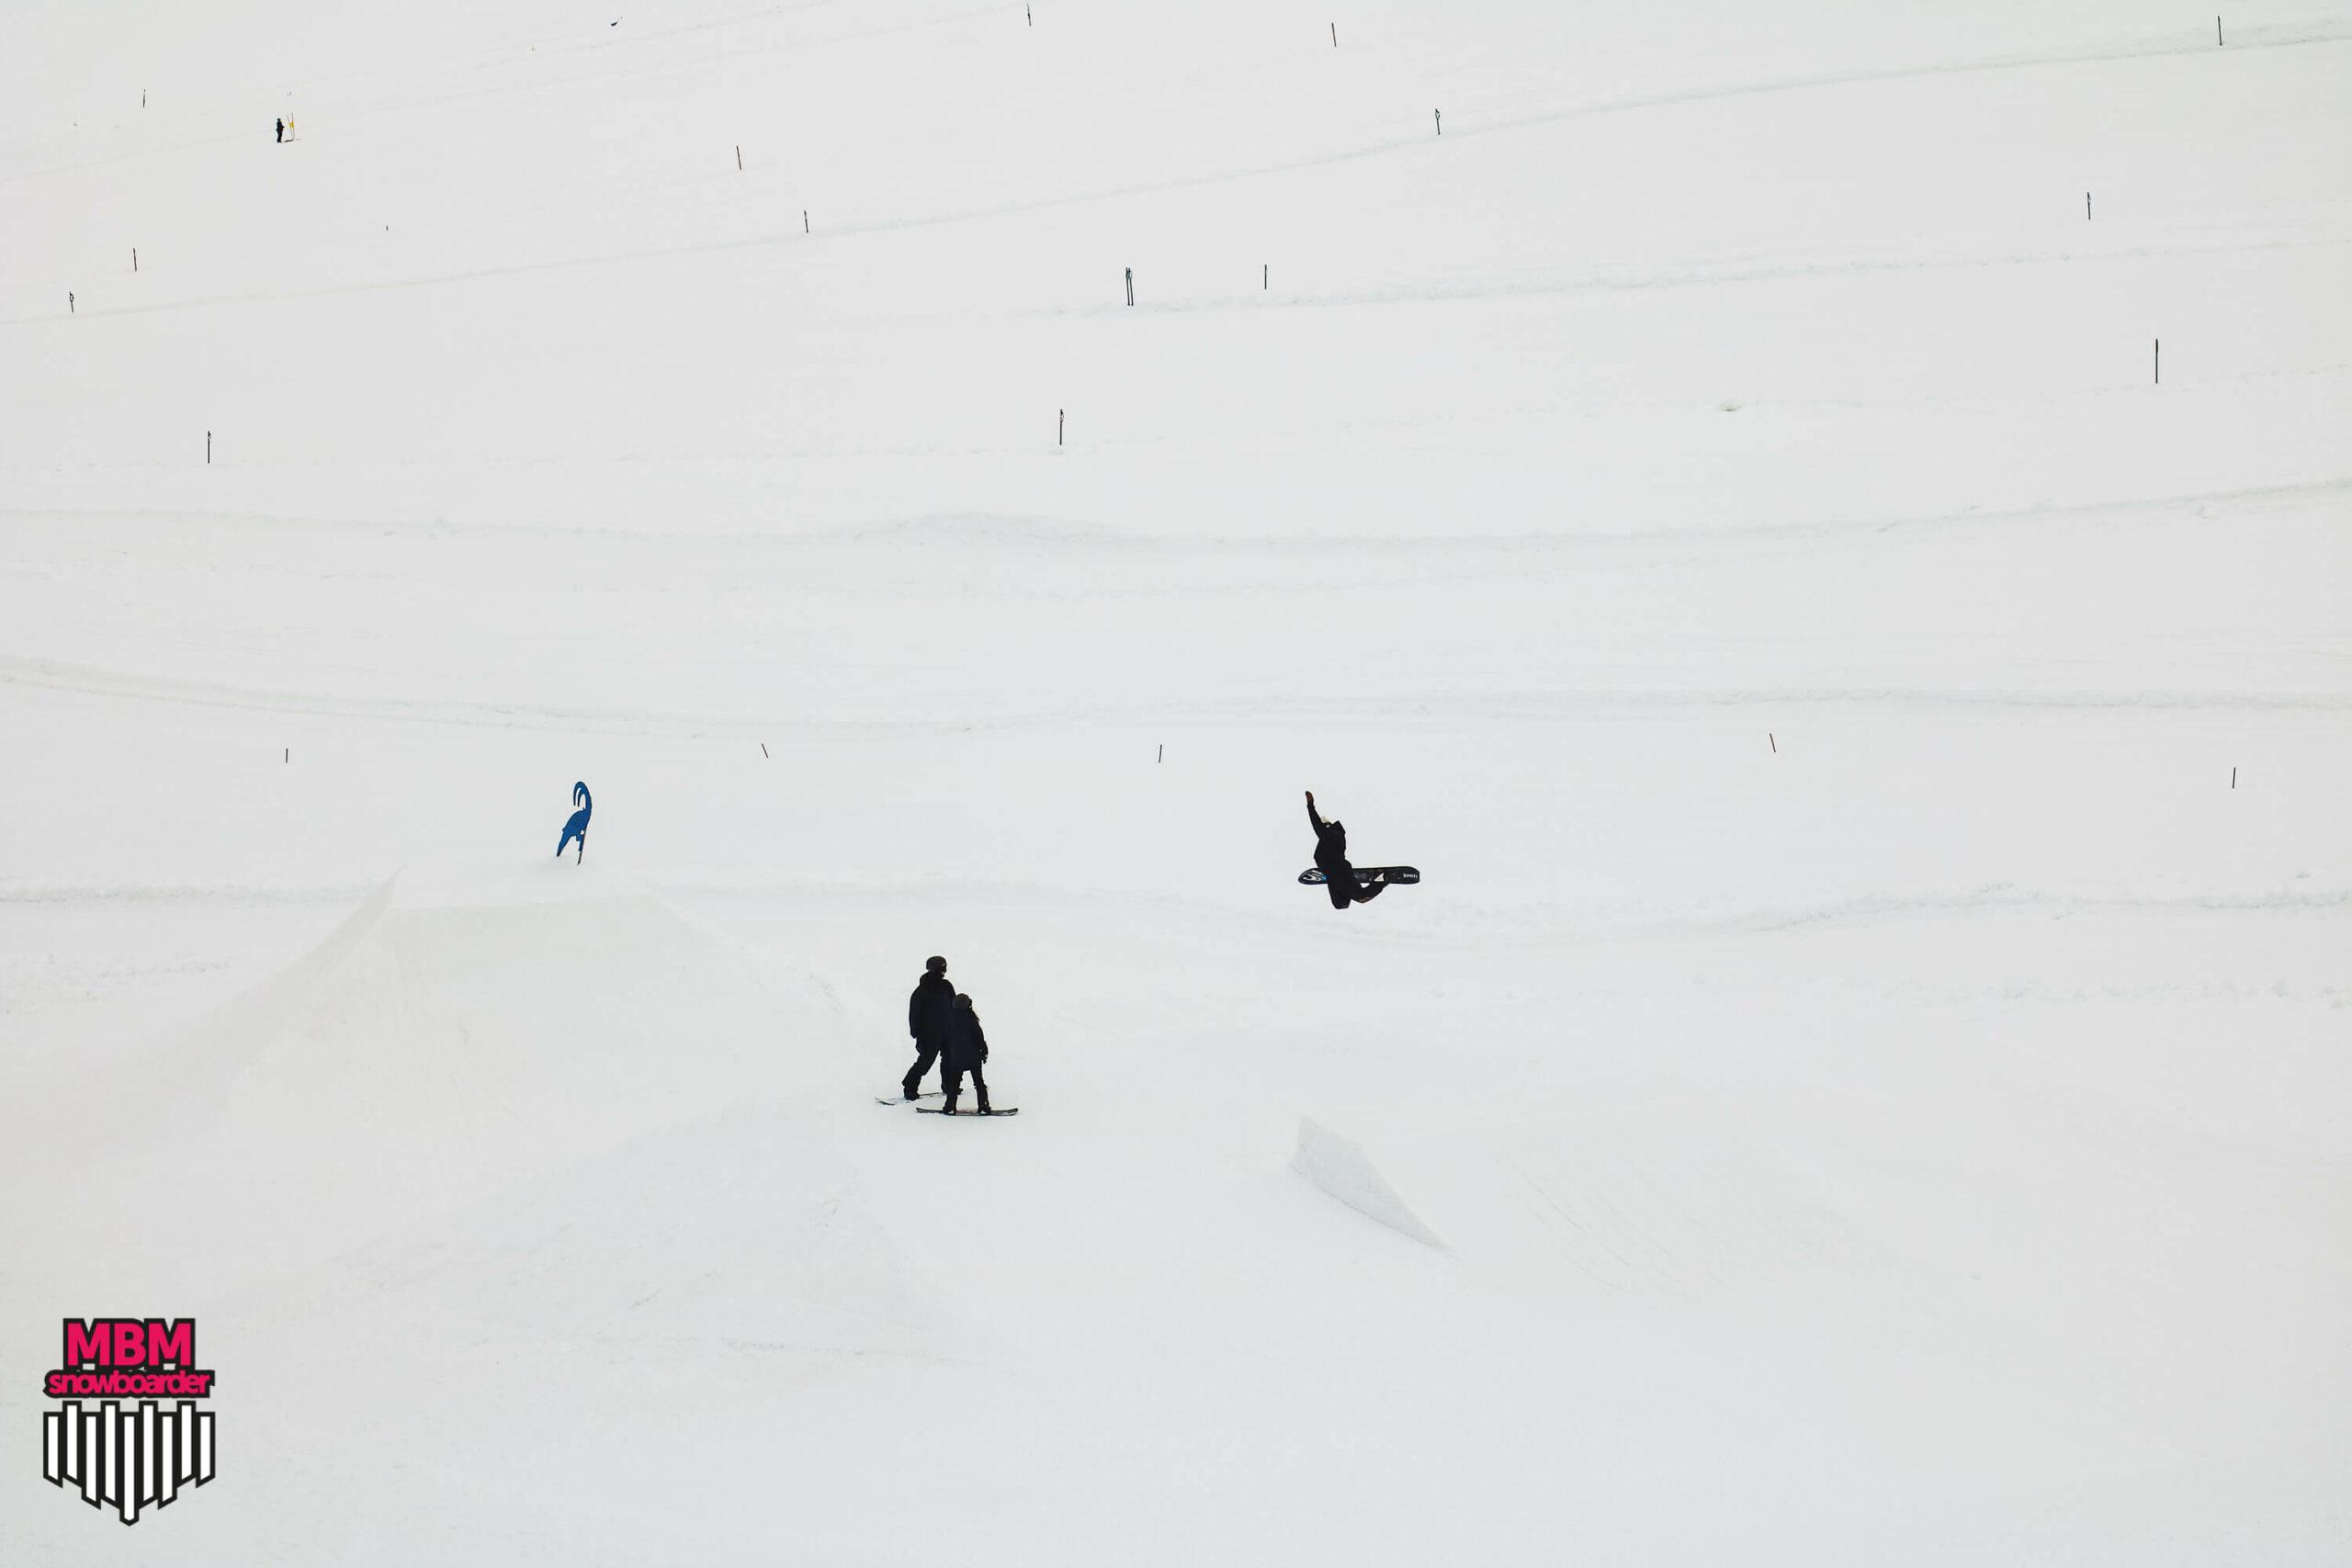 snowboarderMBM_sd_kaunertal_073